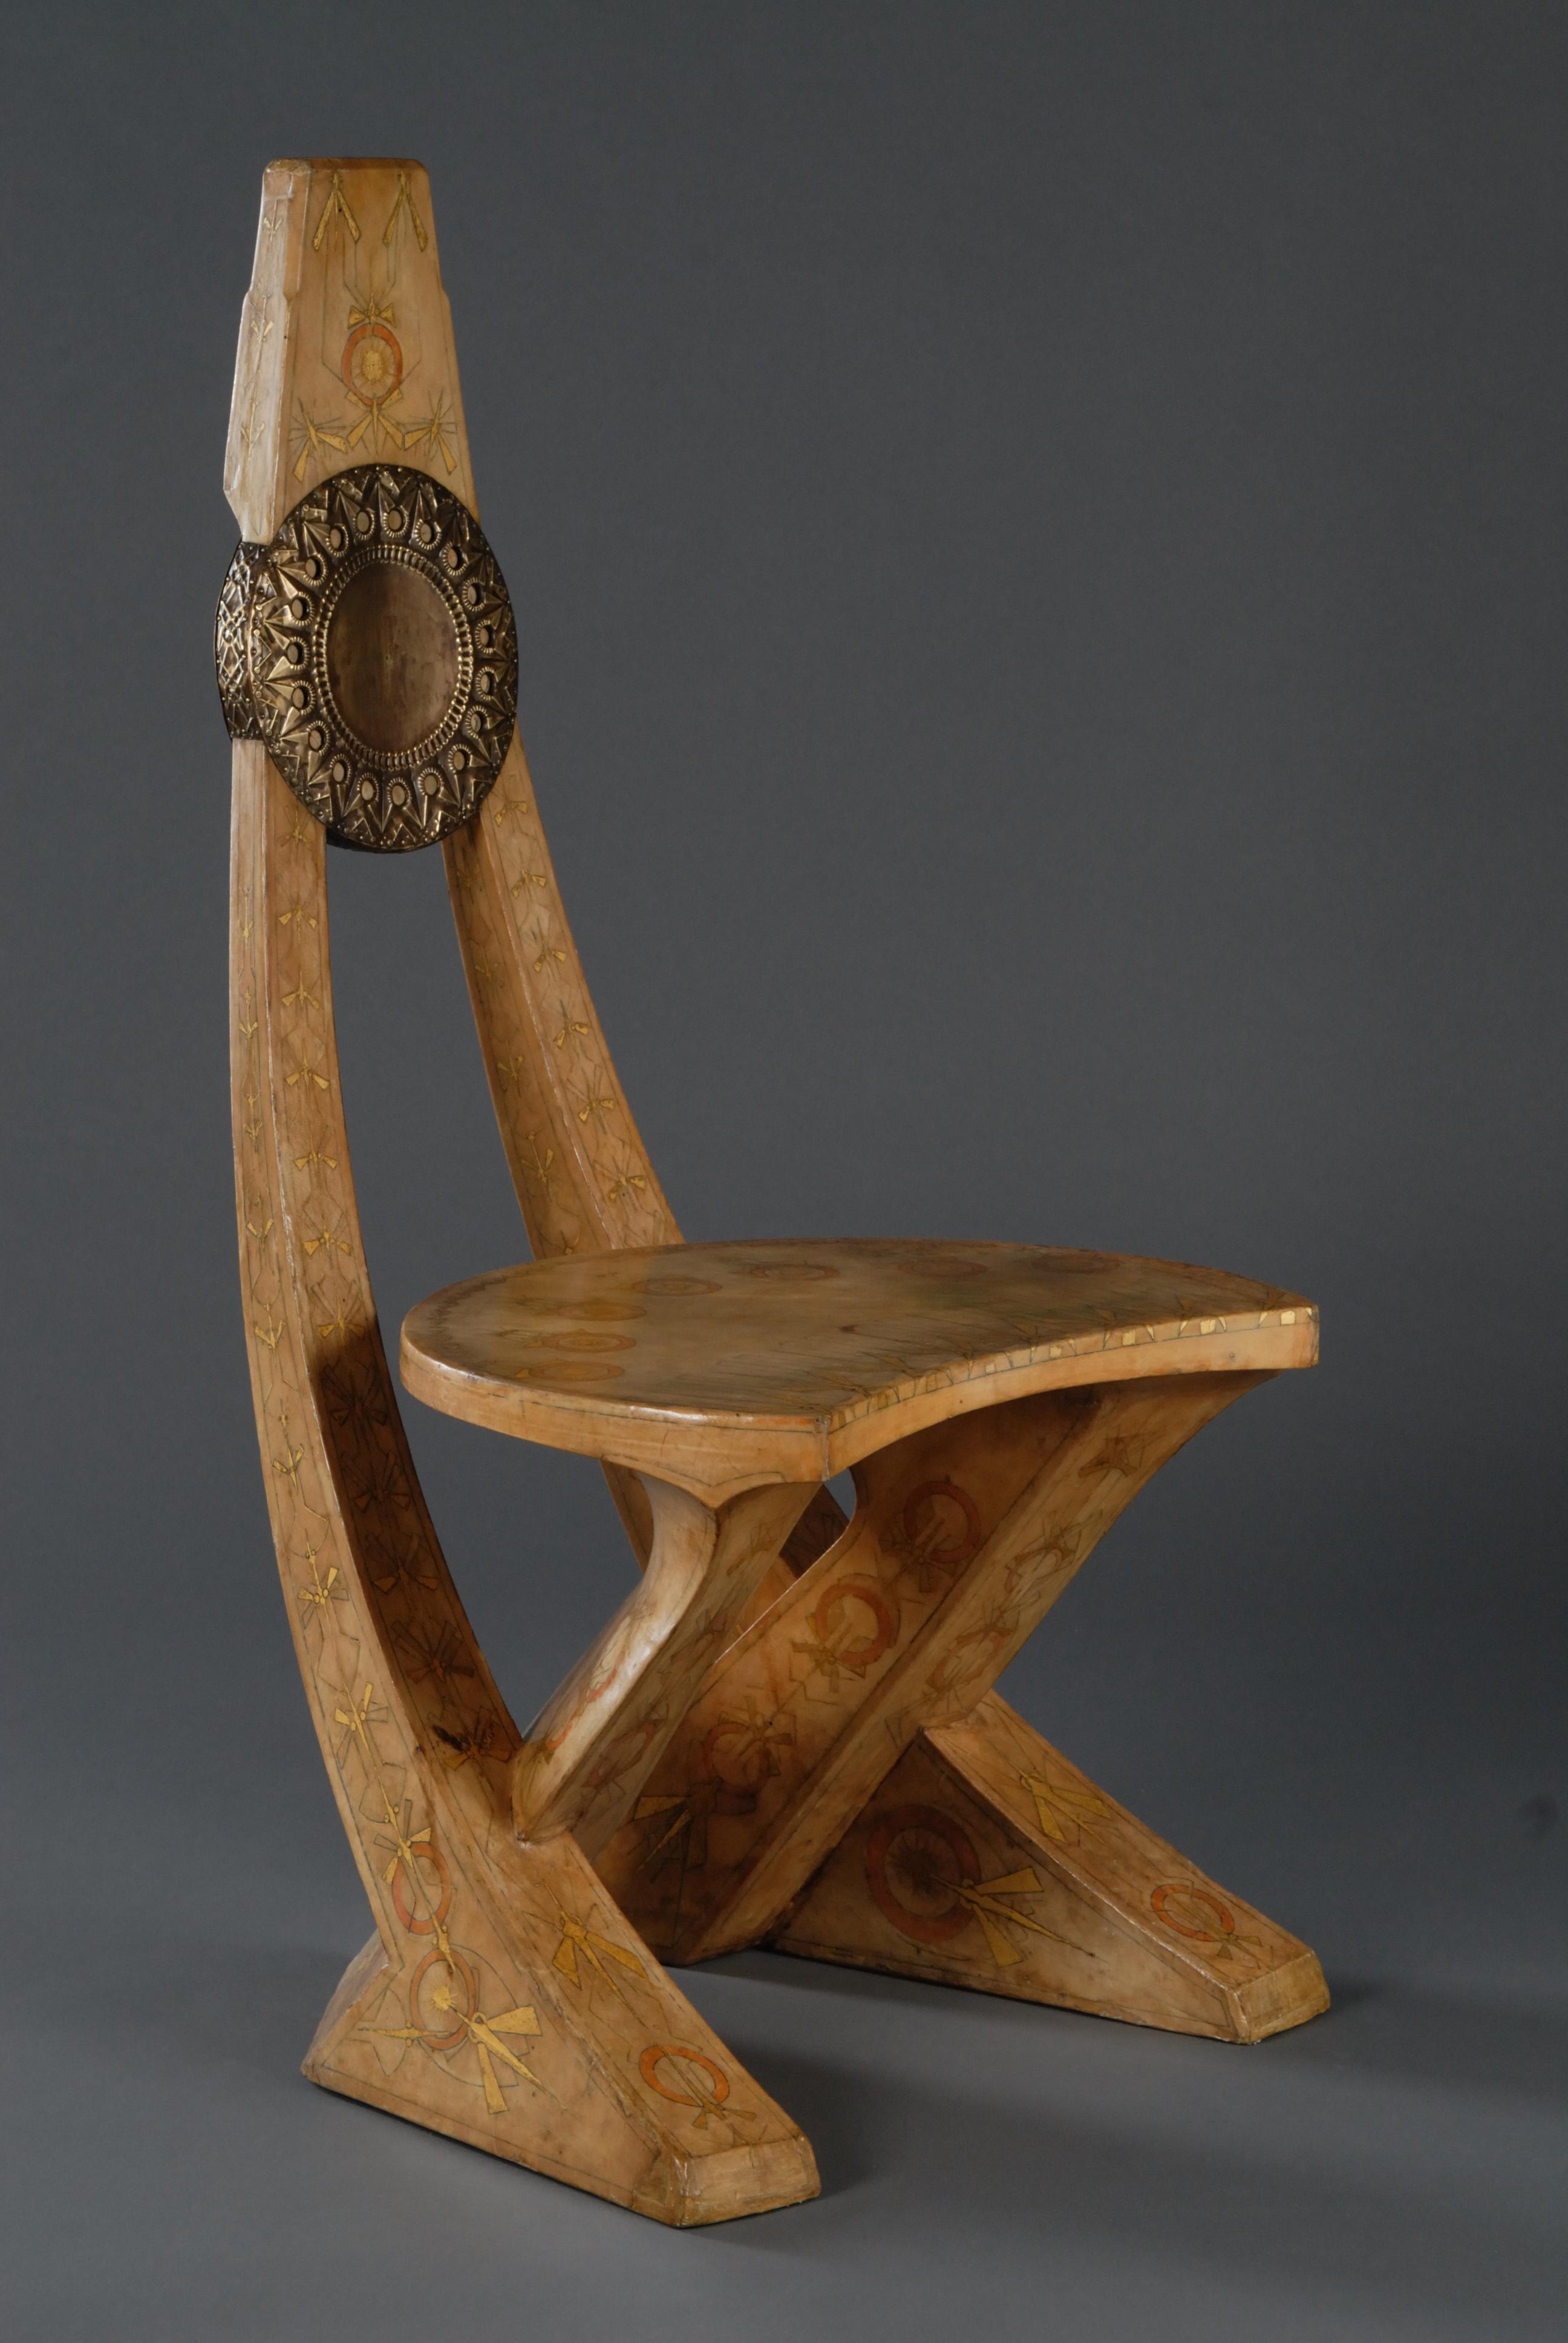 Poltrona e sedia a disegno antropomorfo galleria daniela - Sedia a dondolo disegno ...